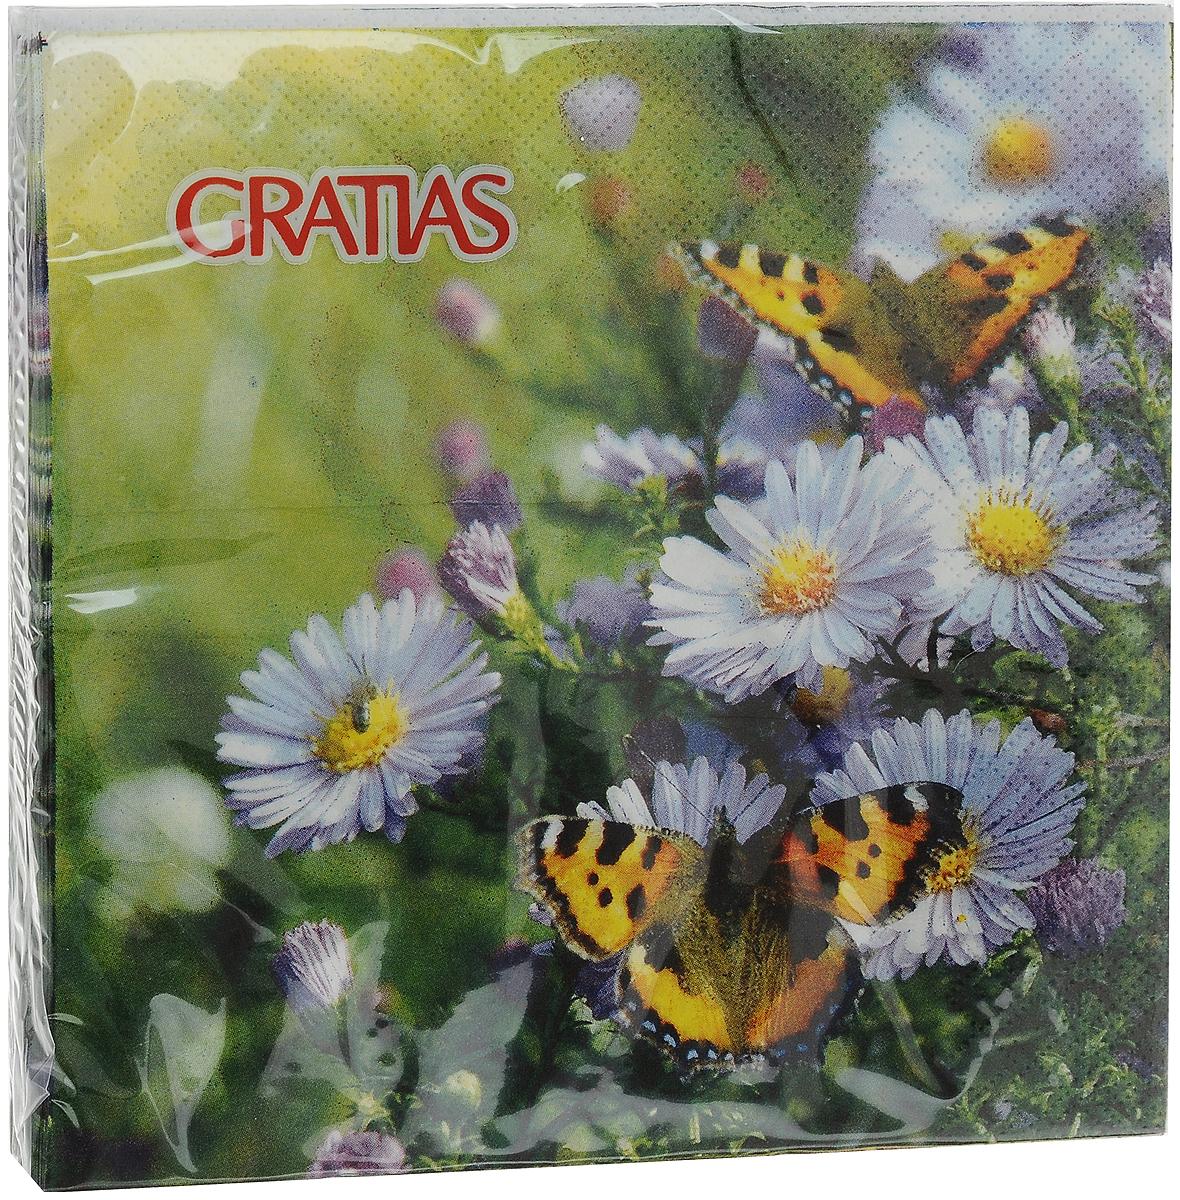 Салфетки бумажные Gratias Шоколадница, трехслойные, 33 х 33 см, 20 шт салфетки бумажные gratias мишутка трехслойные 33 х 33 см 20 шт